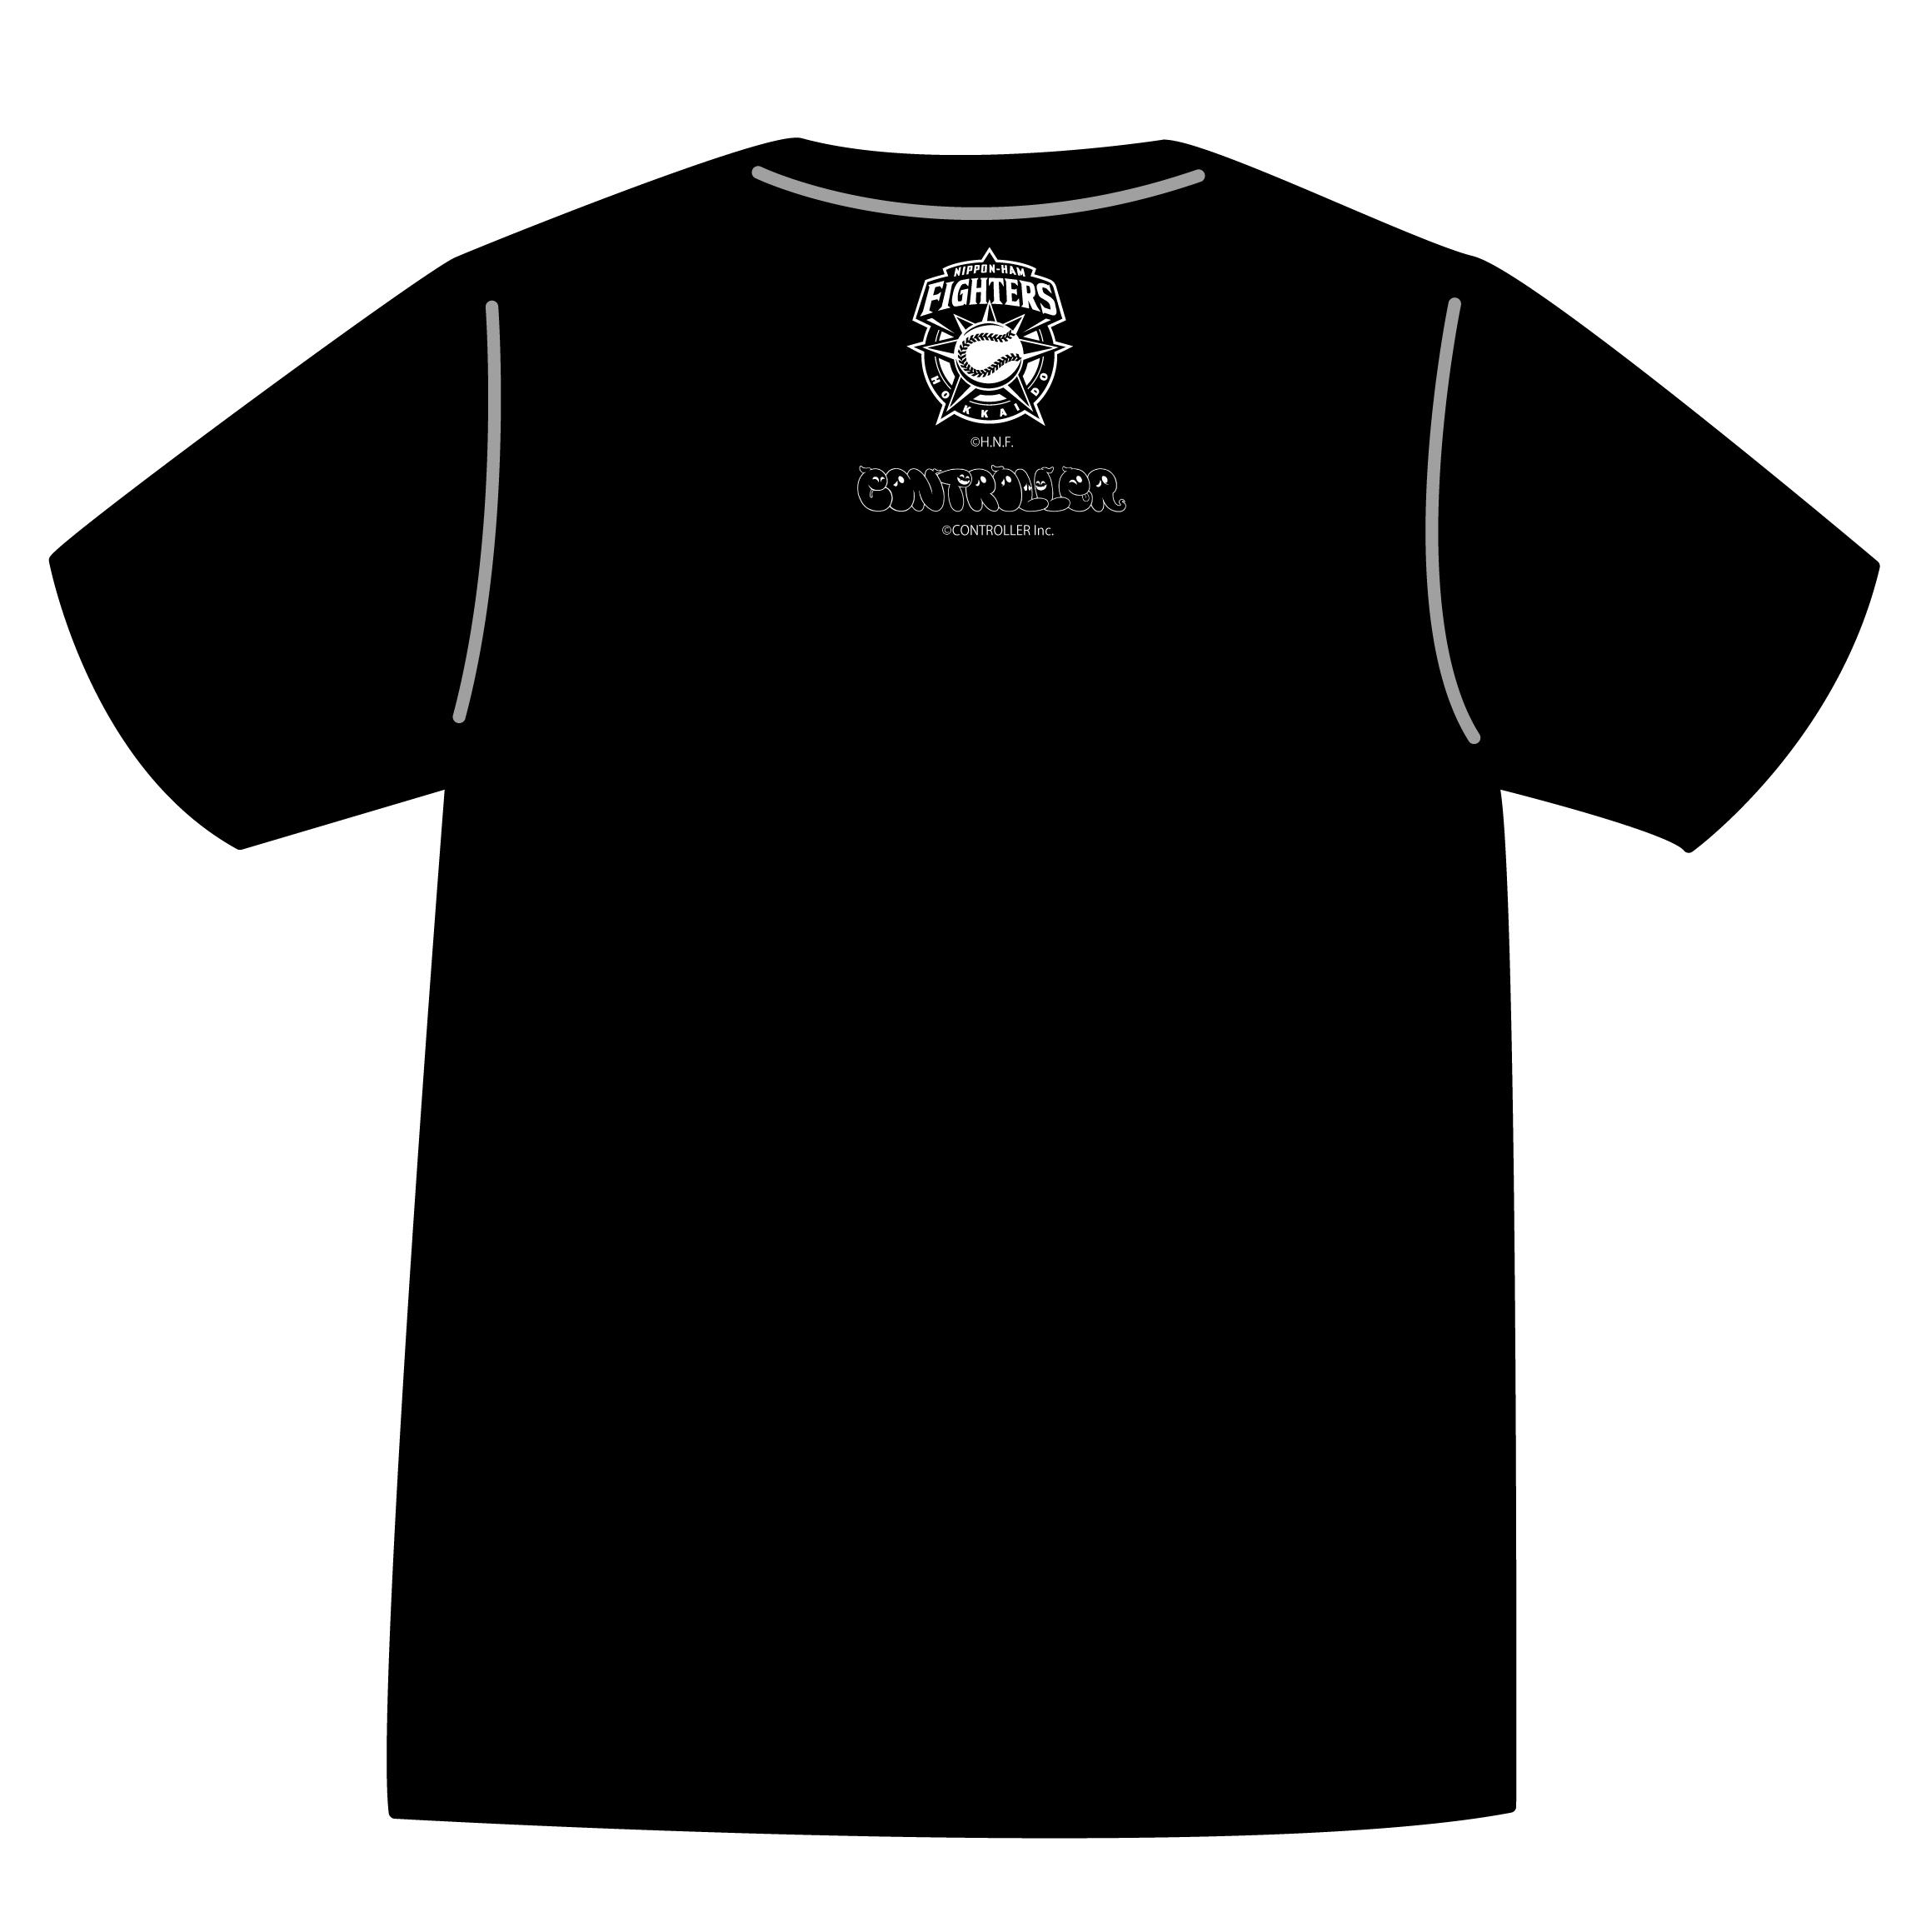 ドットファイターズ 「おおた」 Tシャツ ブラック